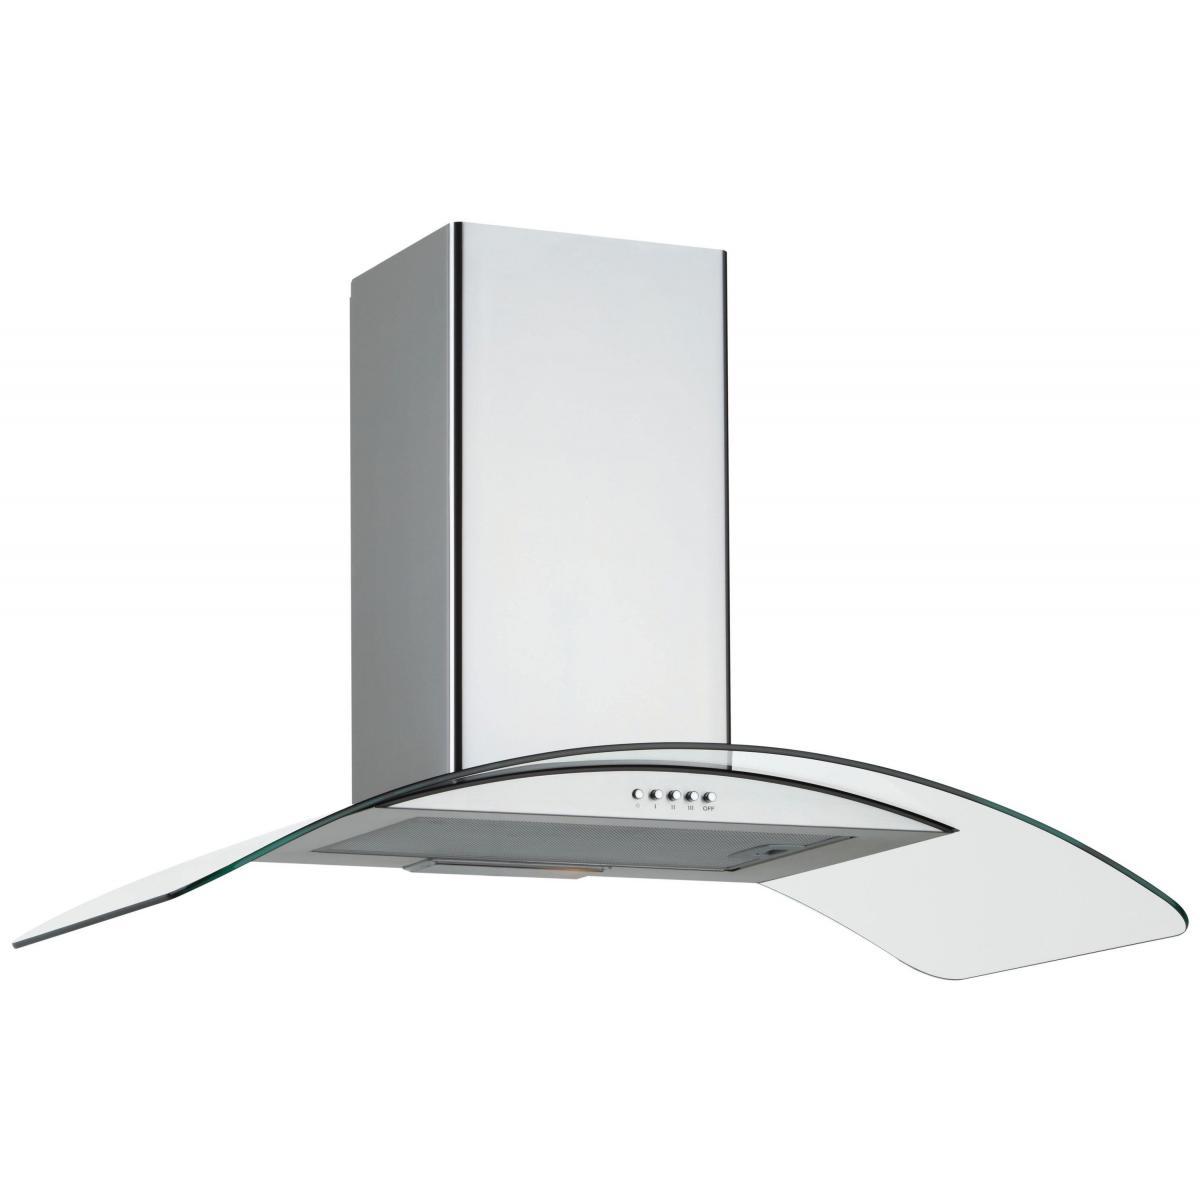 Silver Hotte décorative 253m³/h SILVER 90cm D, H 10590 015